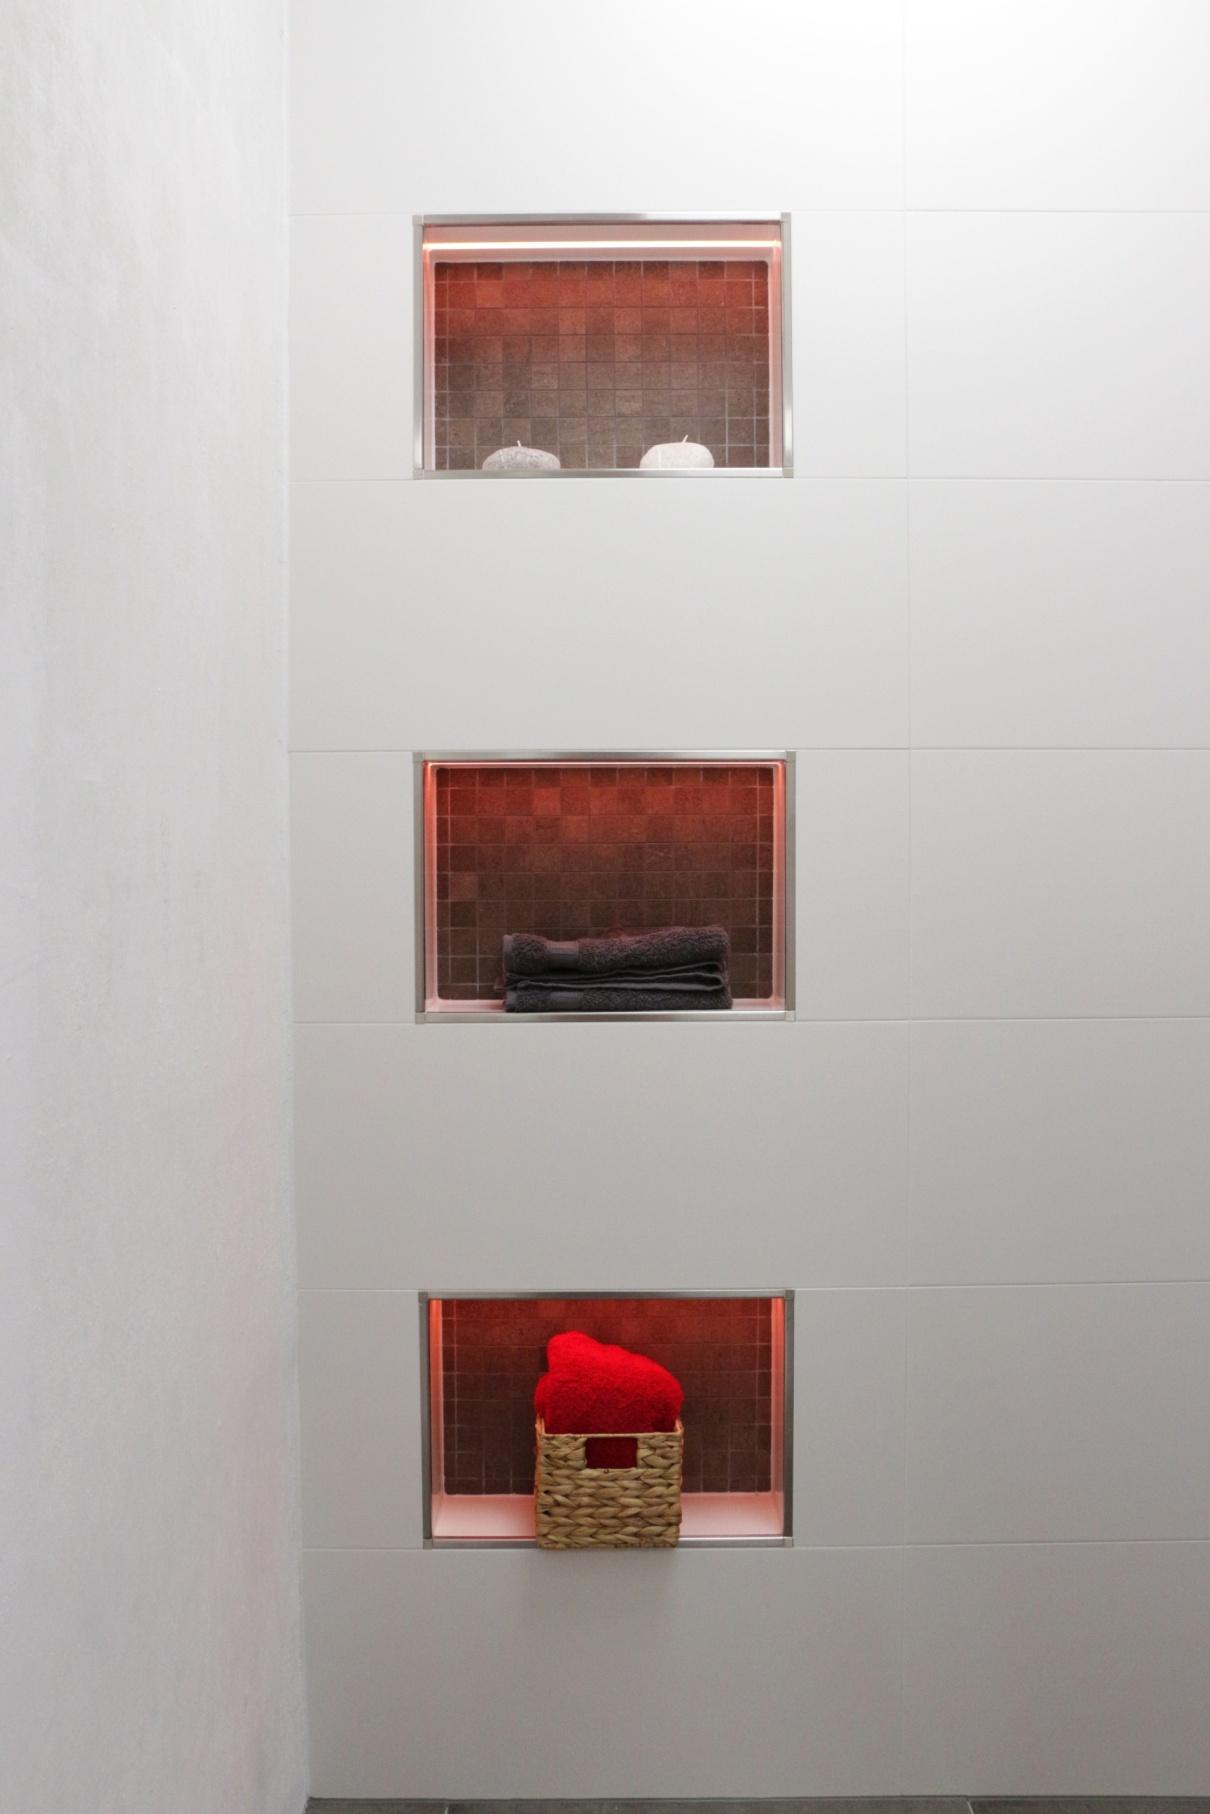 liprotec akzente setzen und lebensr ume gestalten. Black Bedroom Furniture Sets. Home Design Ideas